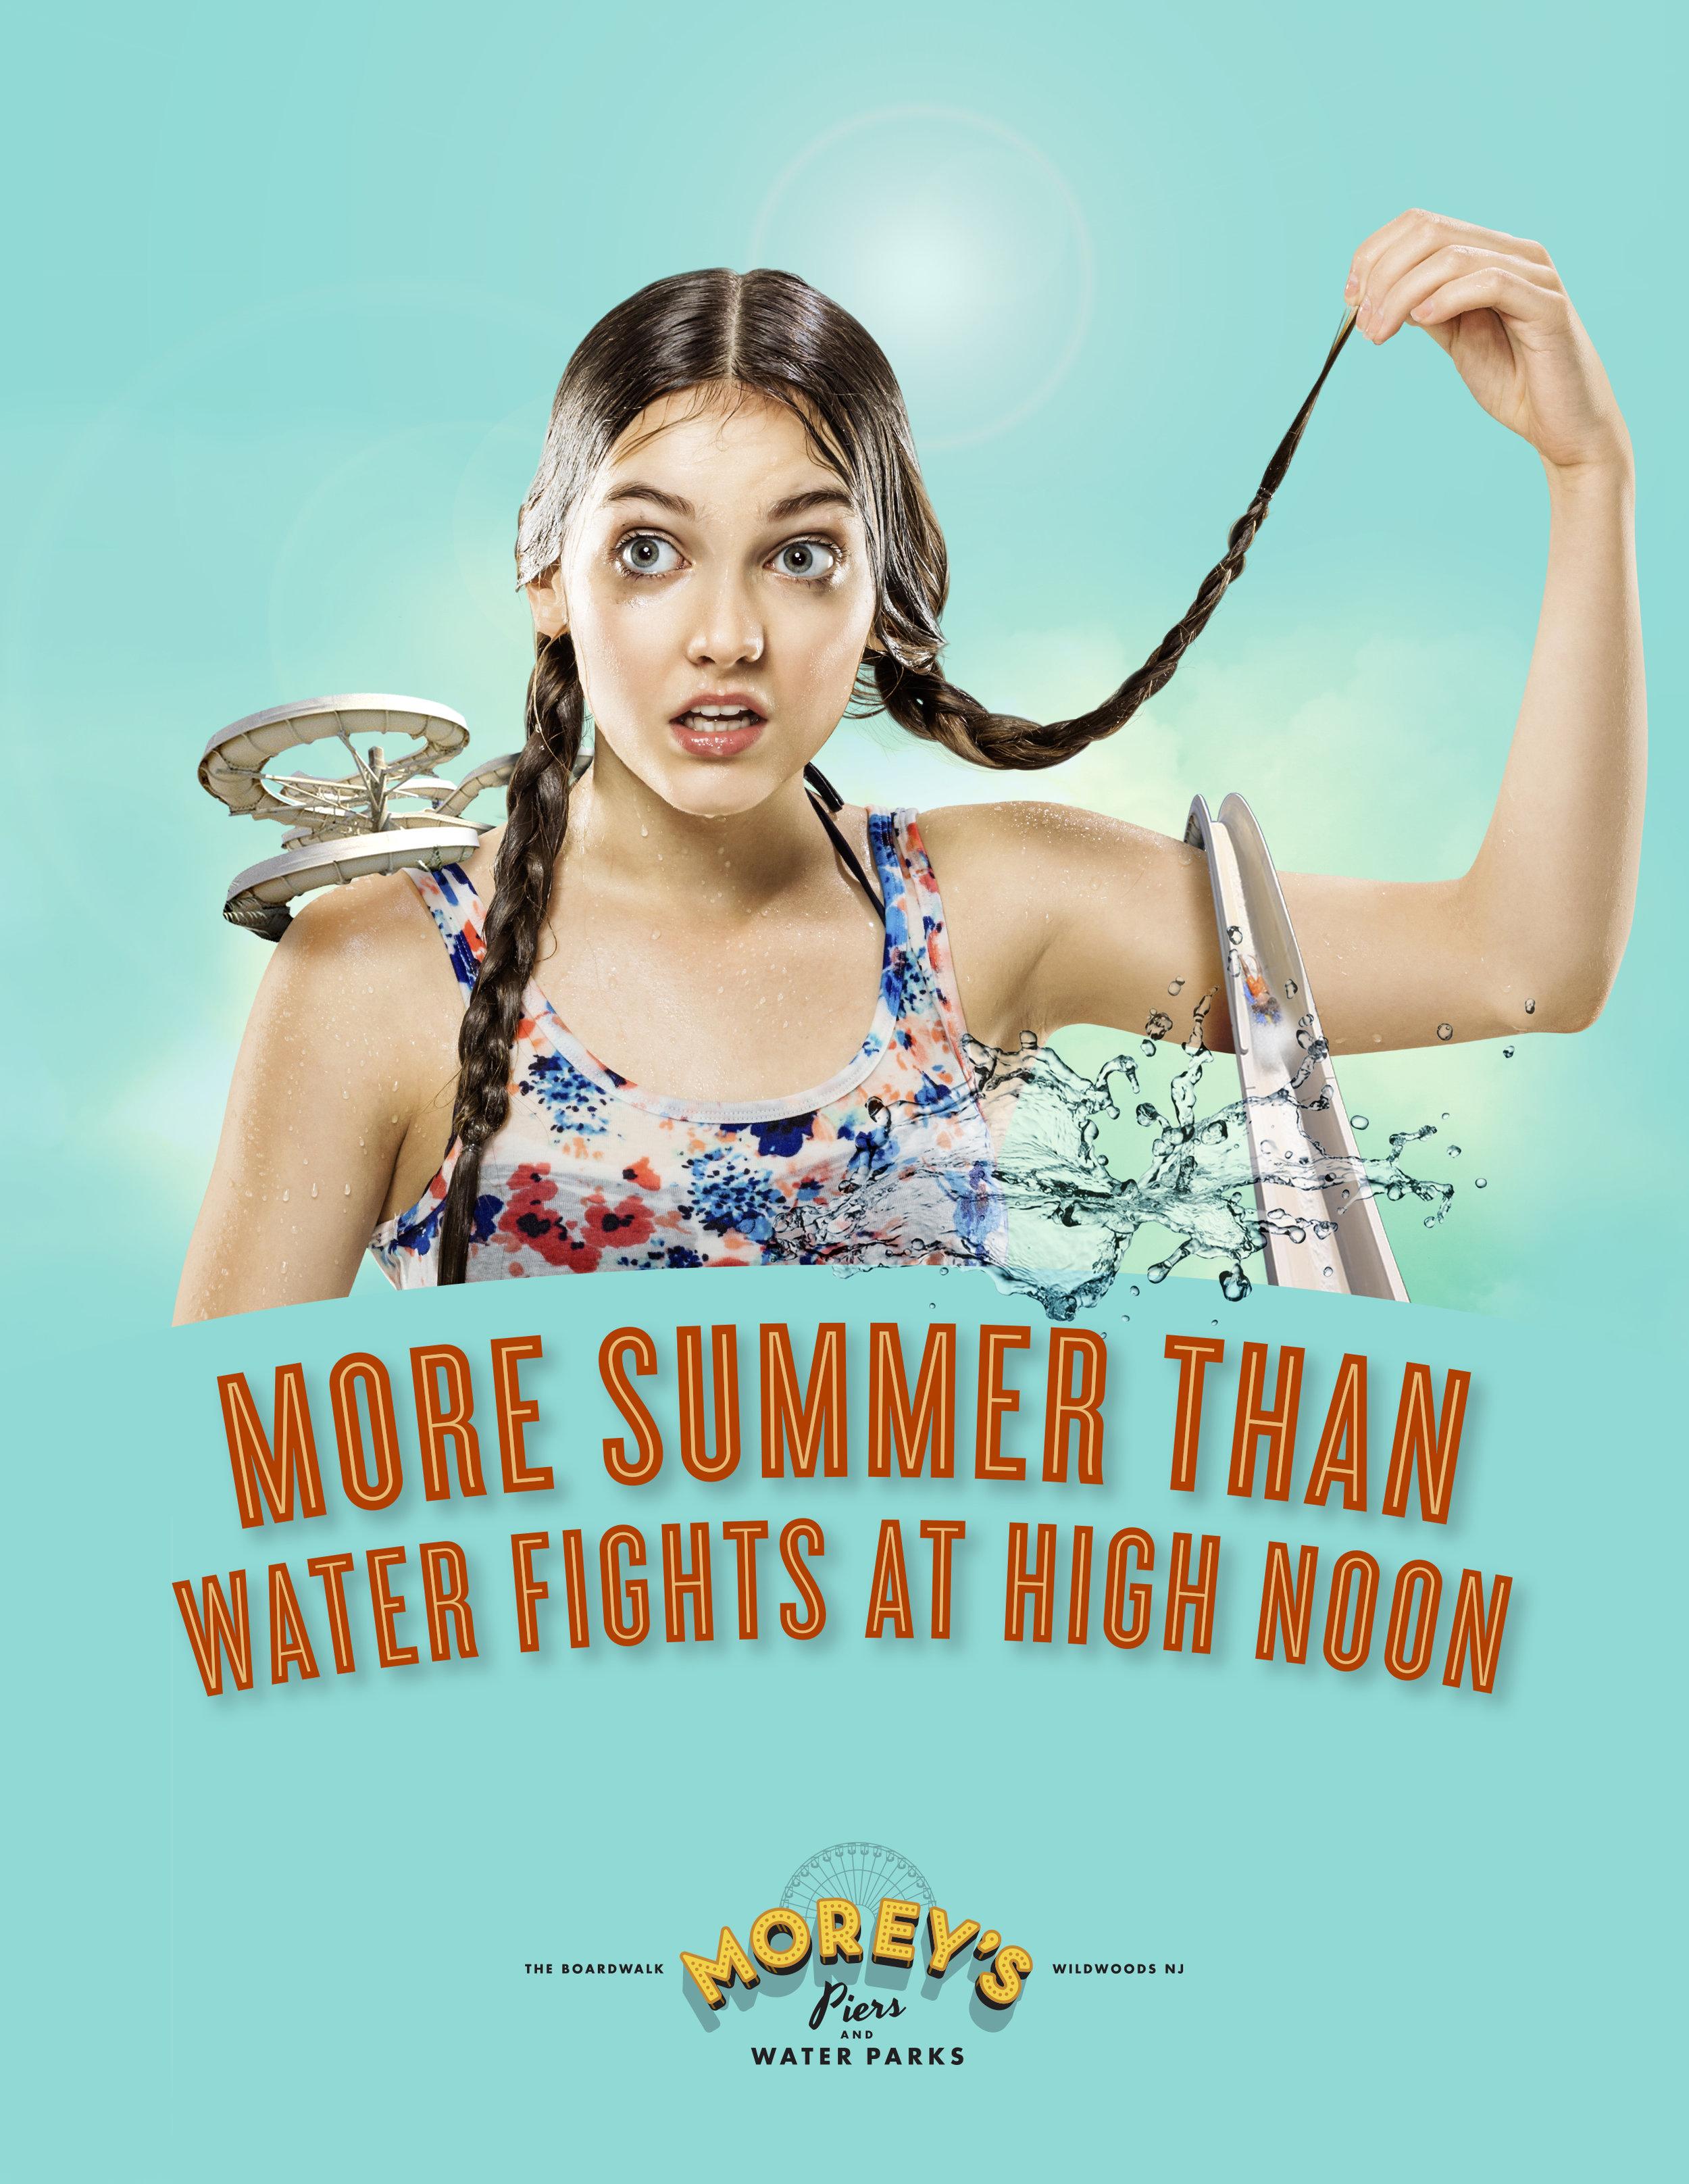 Moreys_summer17_print_waterfights_R2.jpg